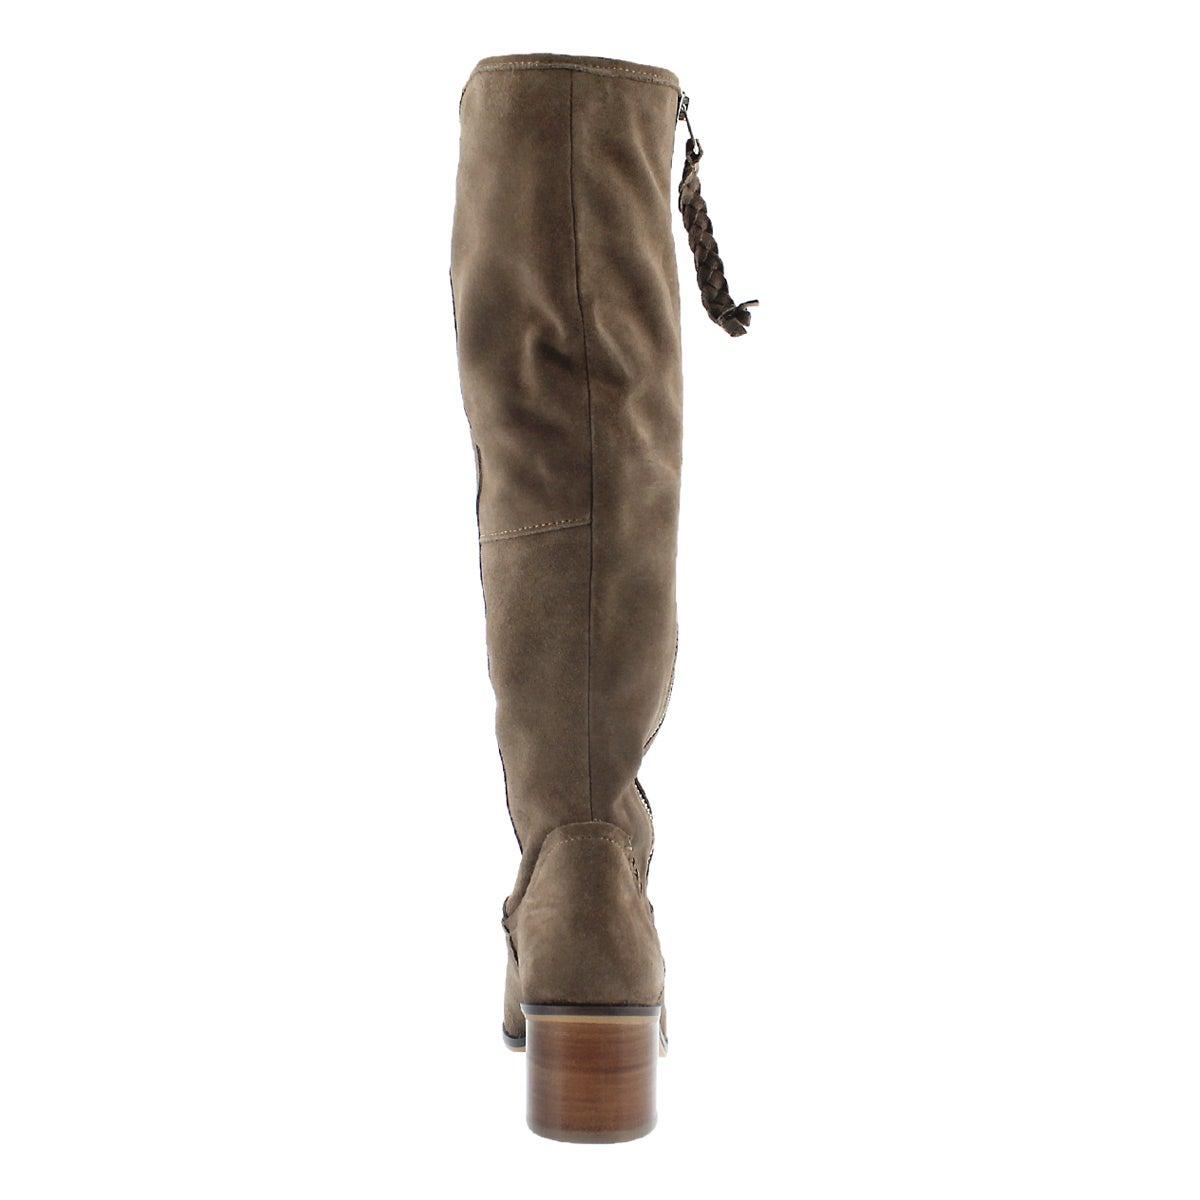 Steve-Madden-Women-039-s-Lasso-Knee-High-Dress-Boot